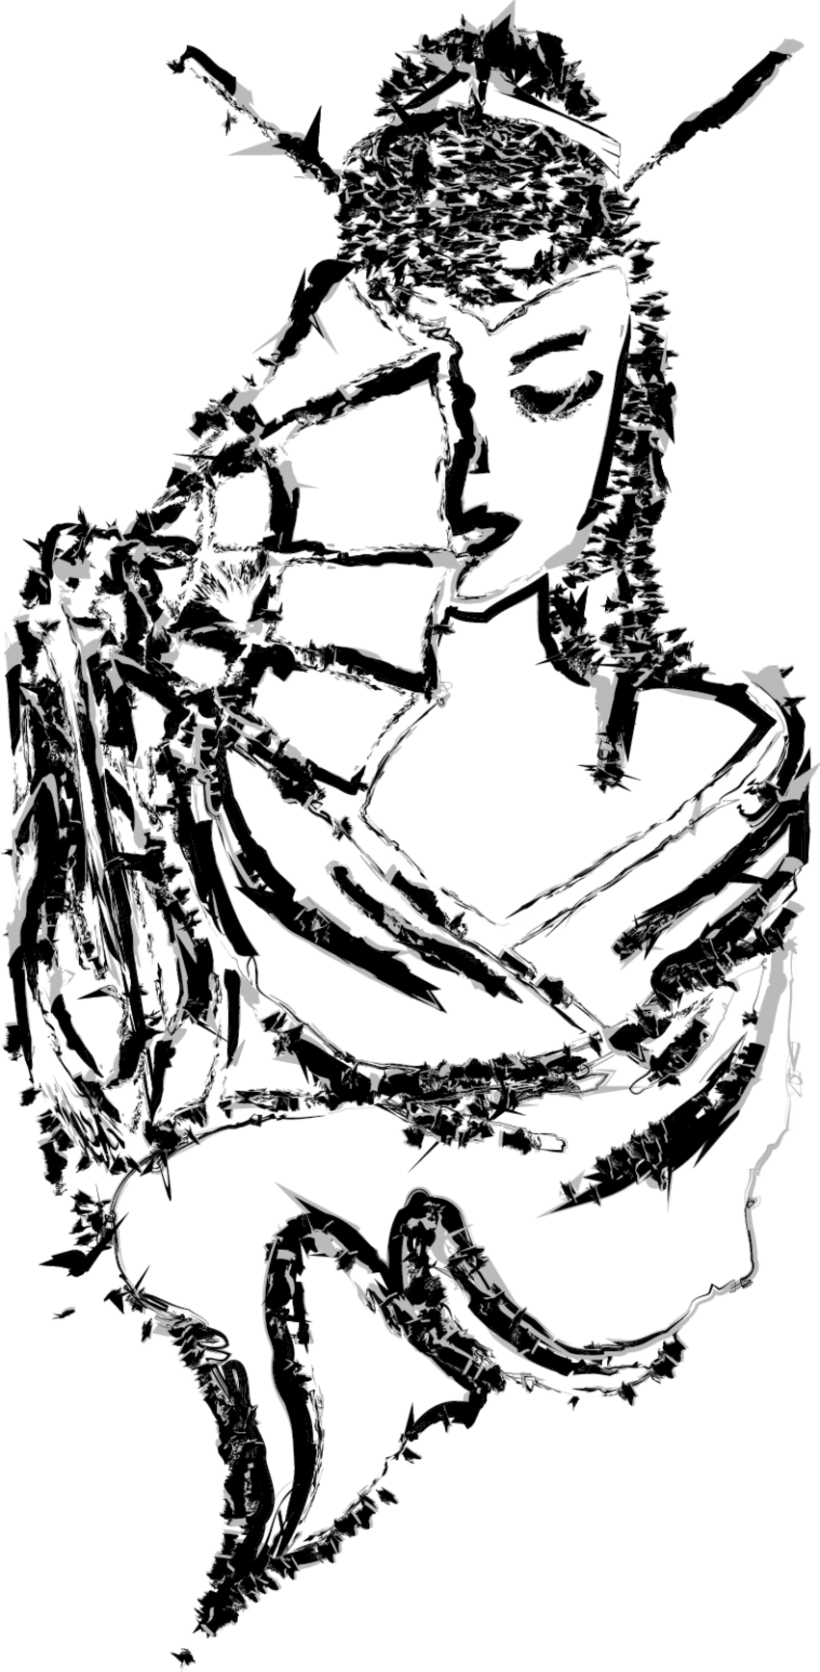 rediseño propuesta memorias de una geisha 2